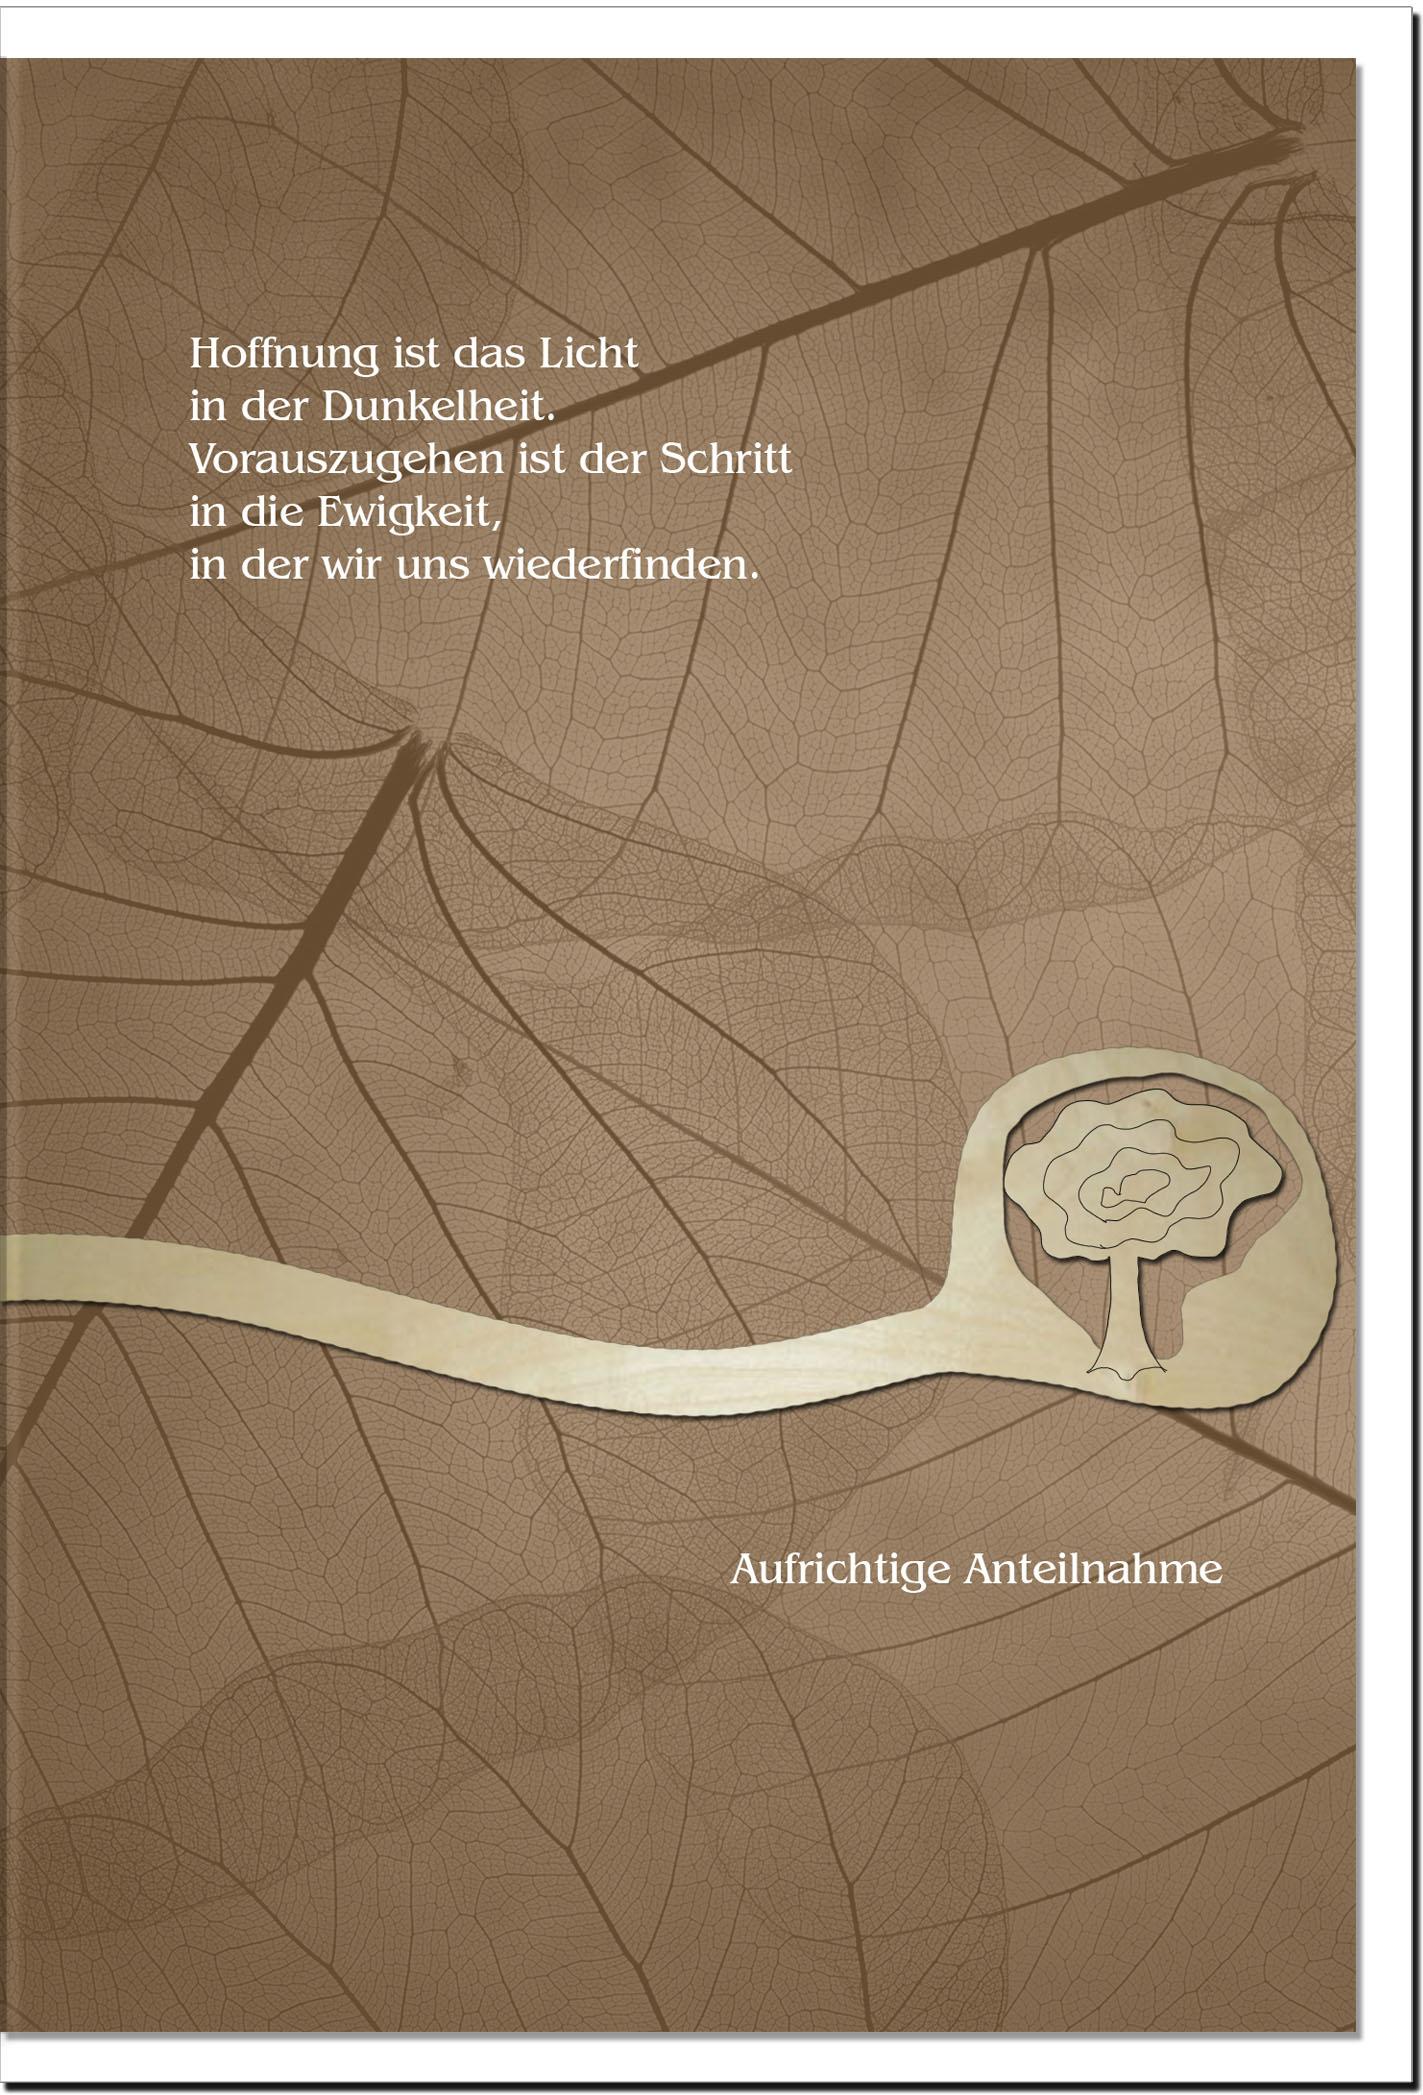 Trauerkarte HOFFNUNG | Baum | metALUm #00570